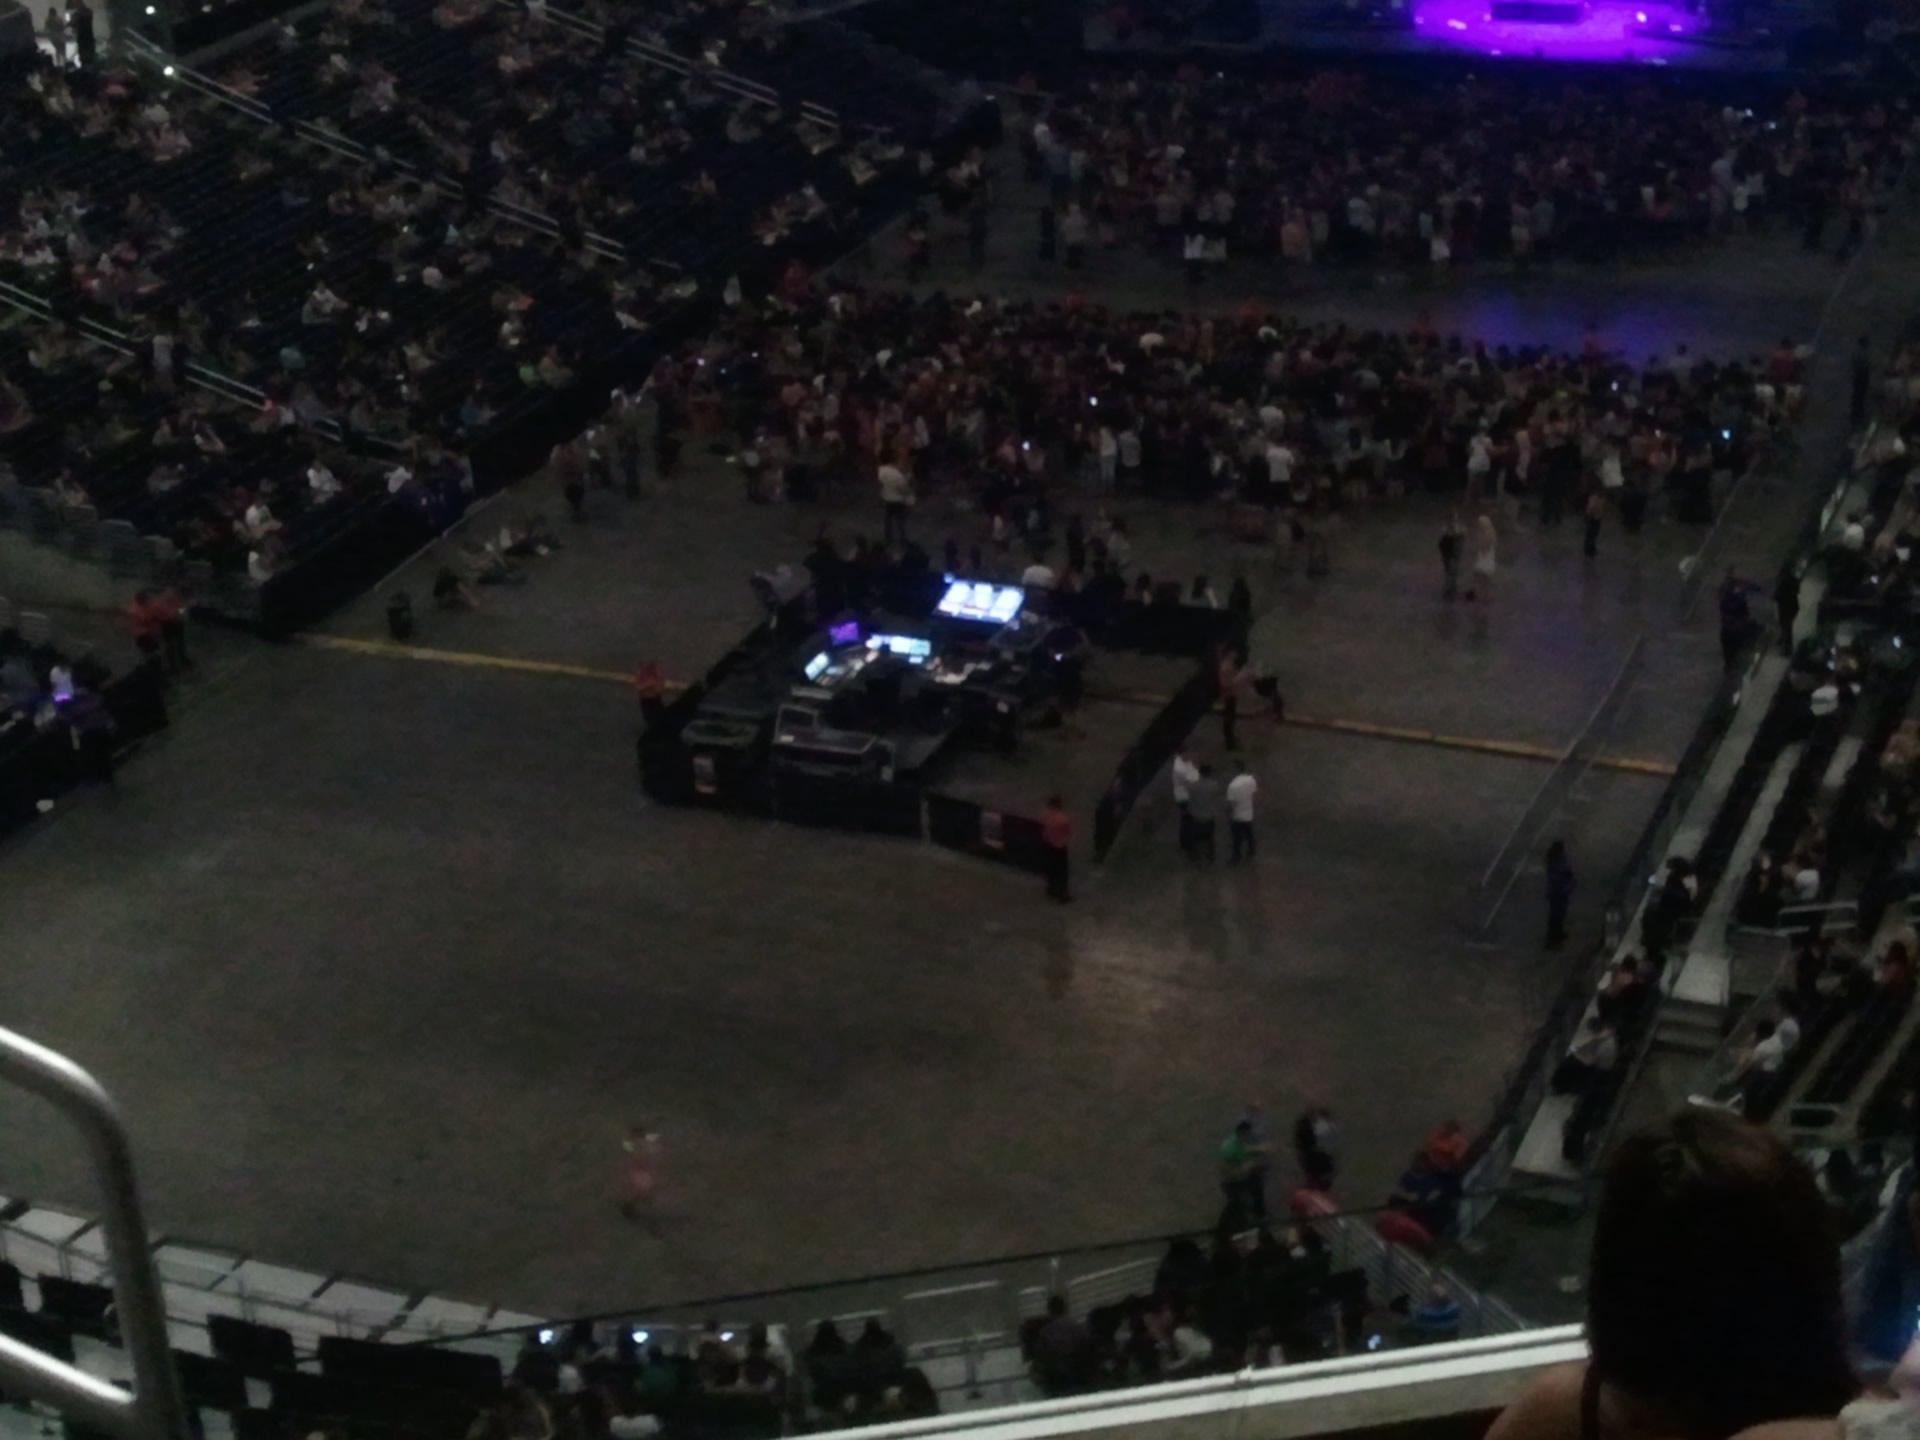 Staples Center Floor Concert Seating Rateyourseats Com